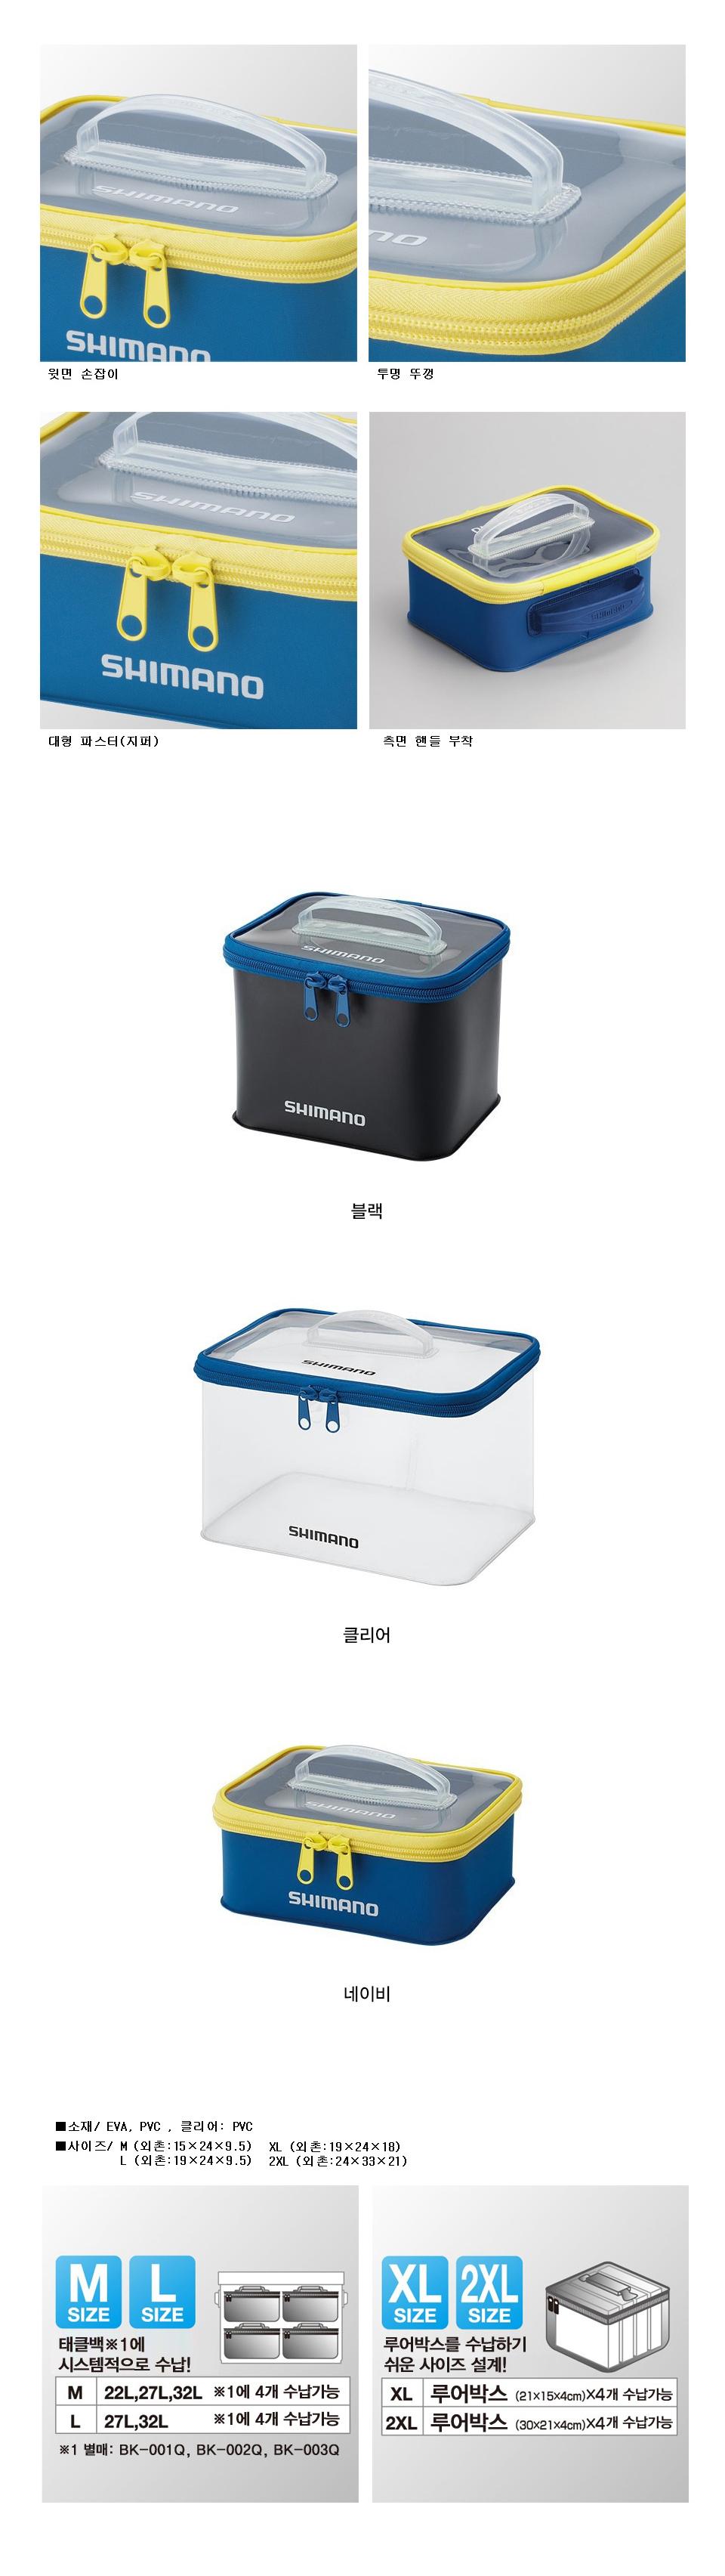 시마노 시스템 케이스 C (BK-093Q) 시마노테클백 소형보조백